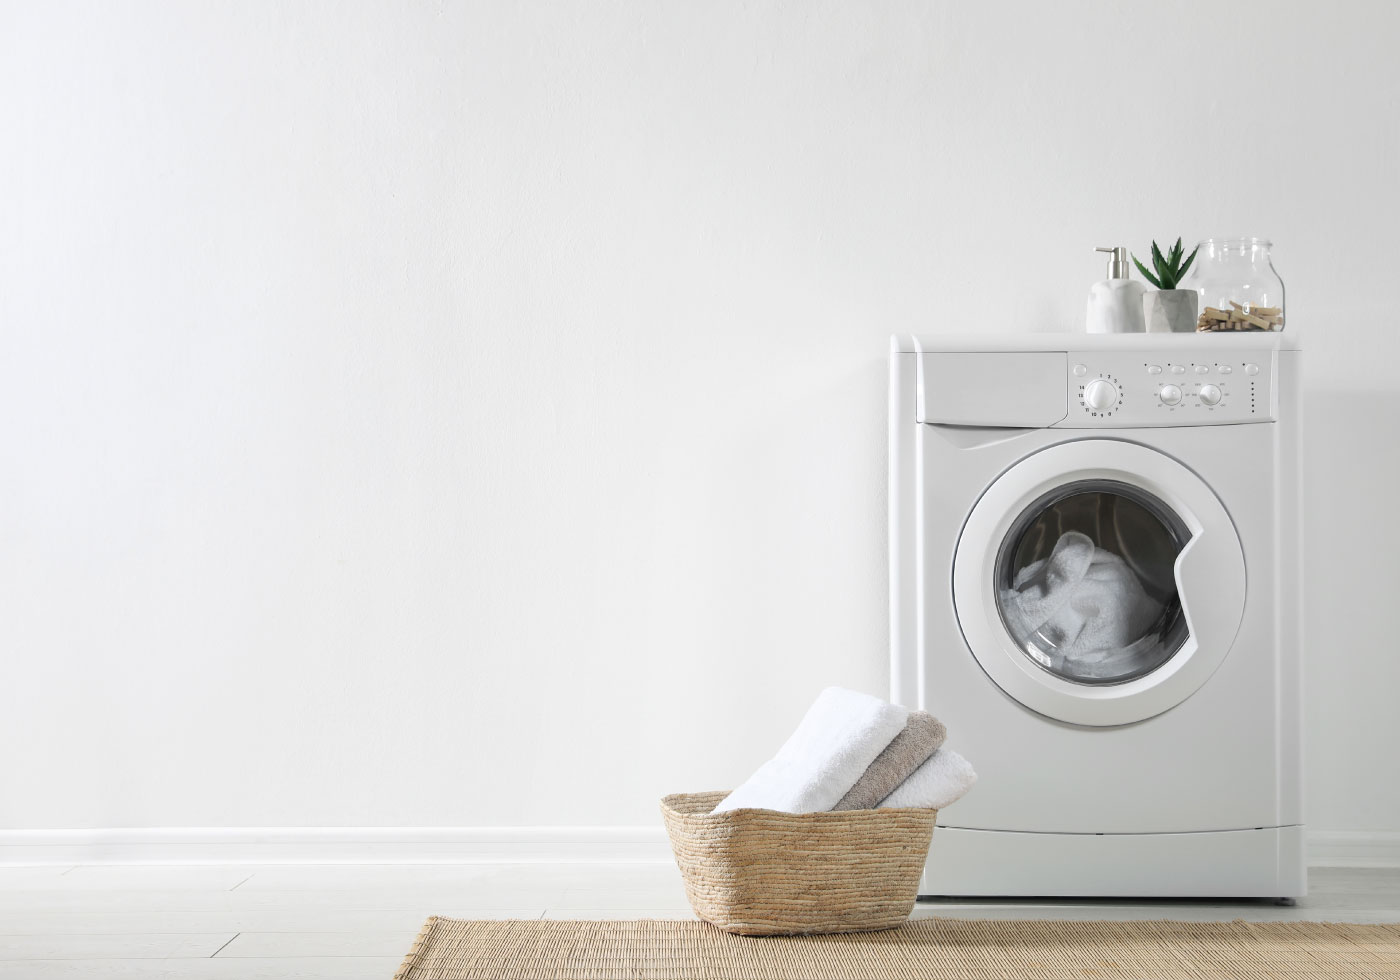 Marken Bettwäsche in der Waschmaschine waschen